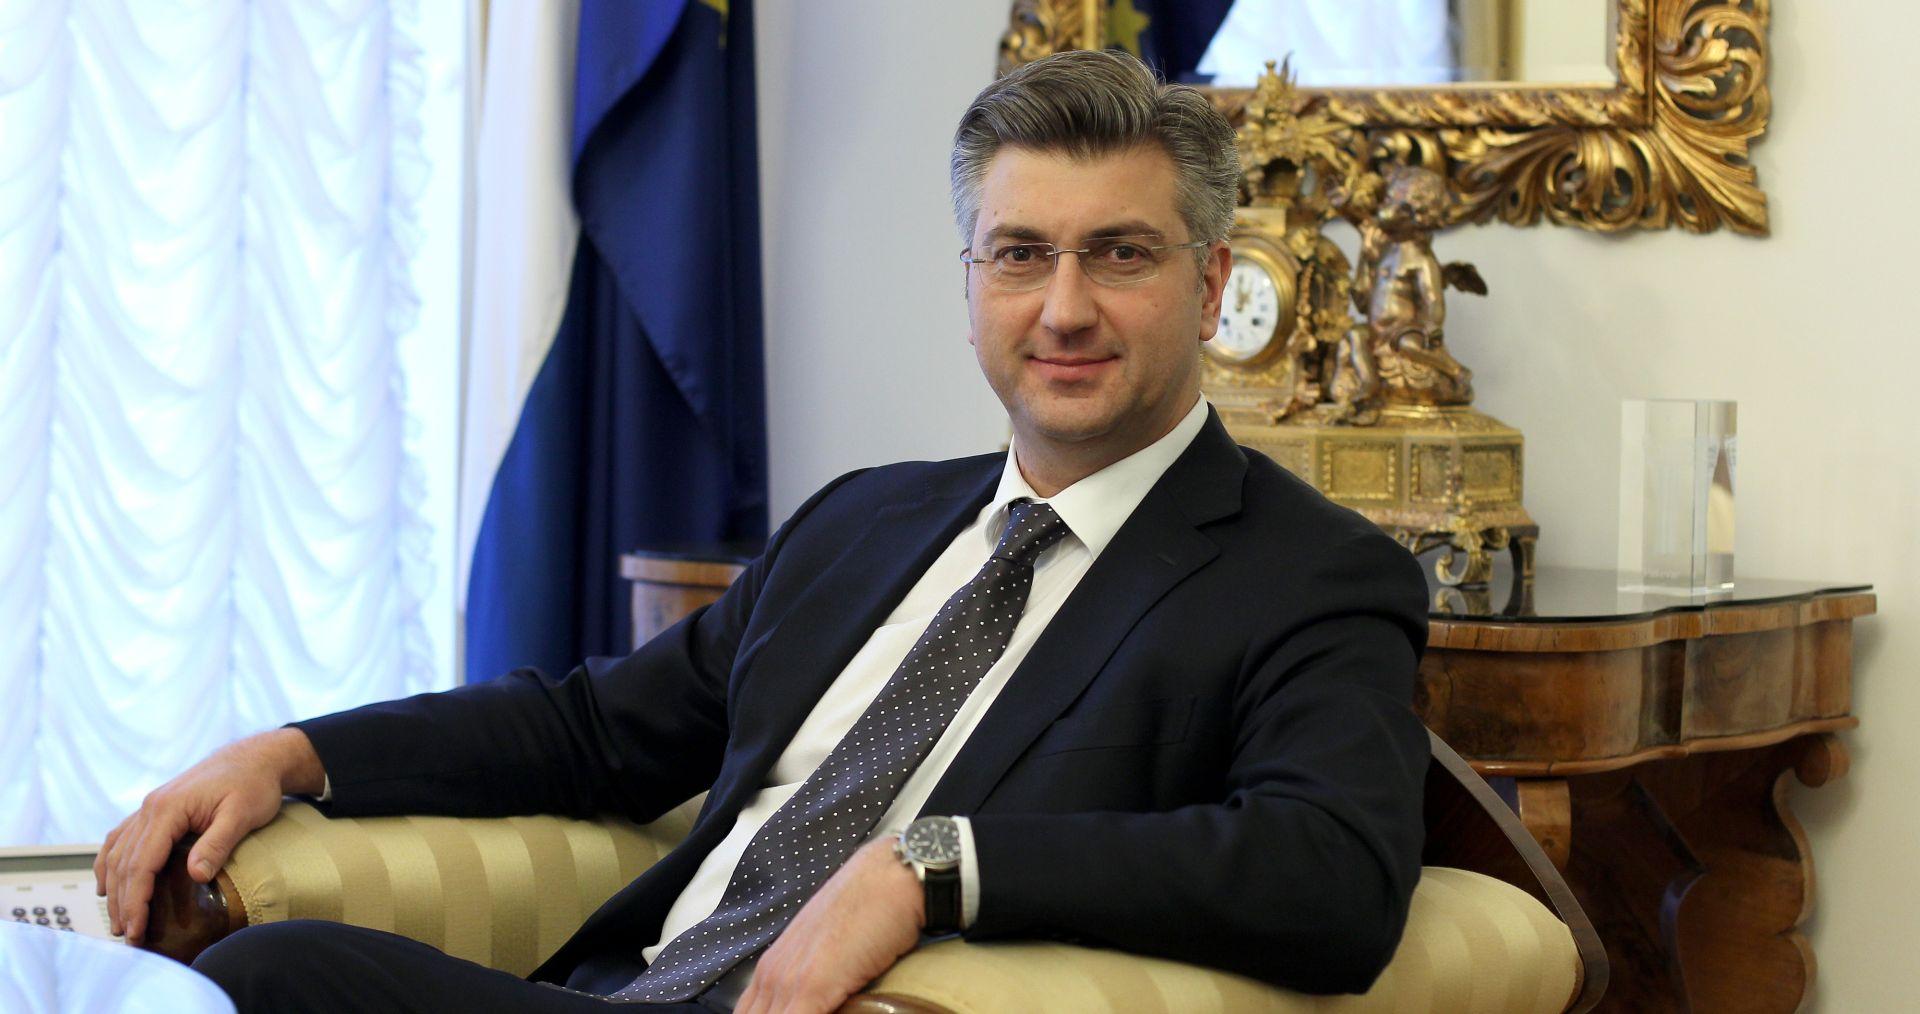 CRO DEMOSKOP Pada potpora radu Plenkovićeve Vlade, ali je premijer i dalje najpozitivniji hrvatski političar